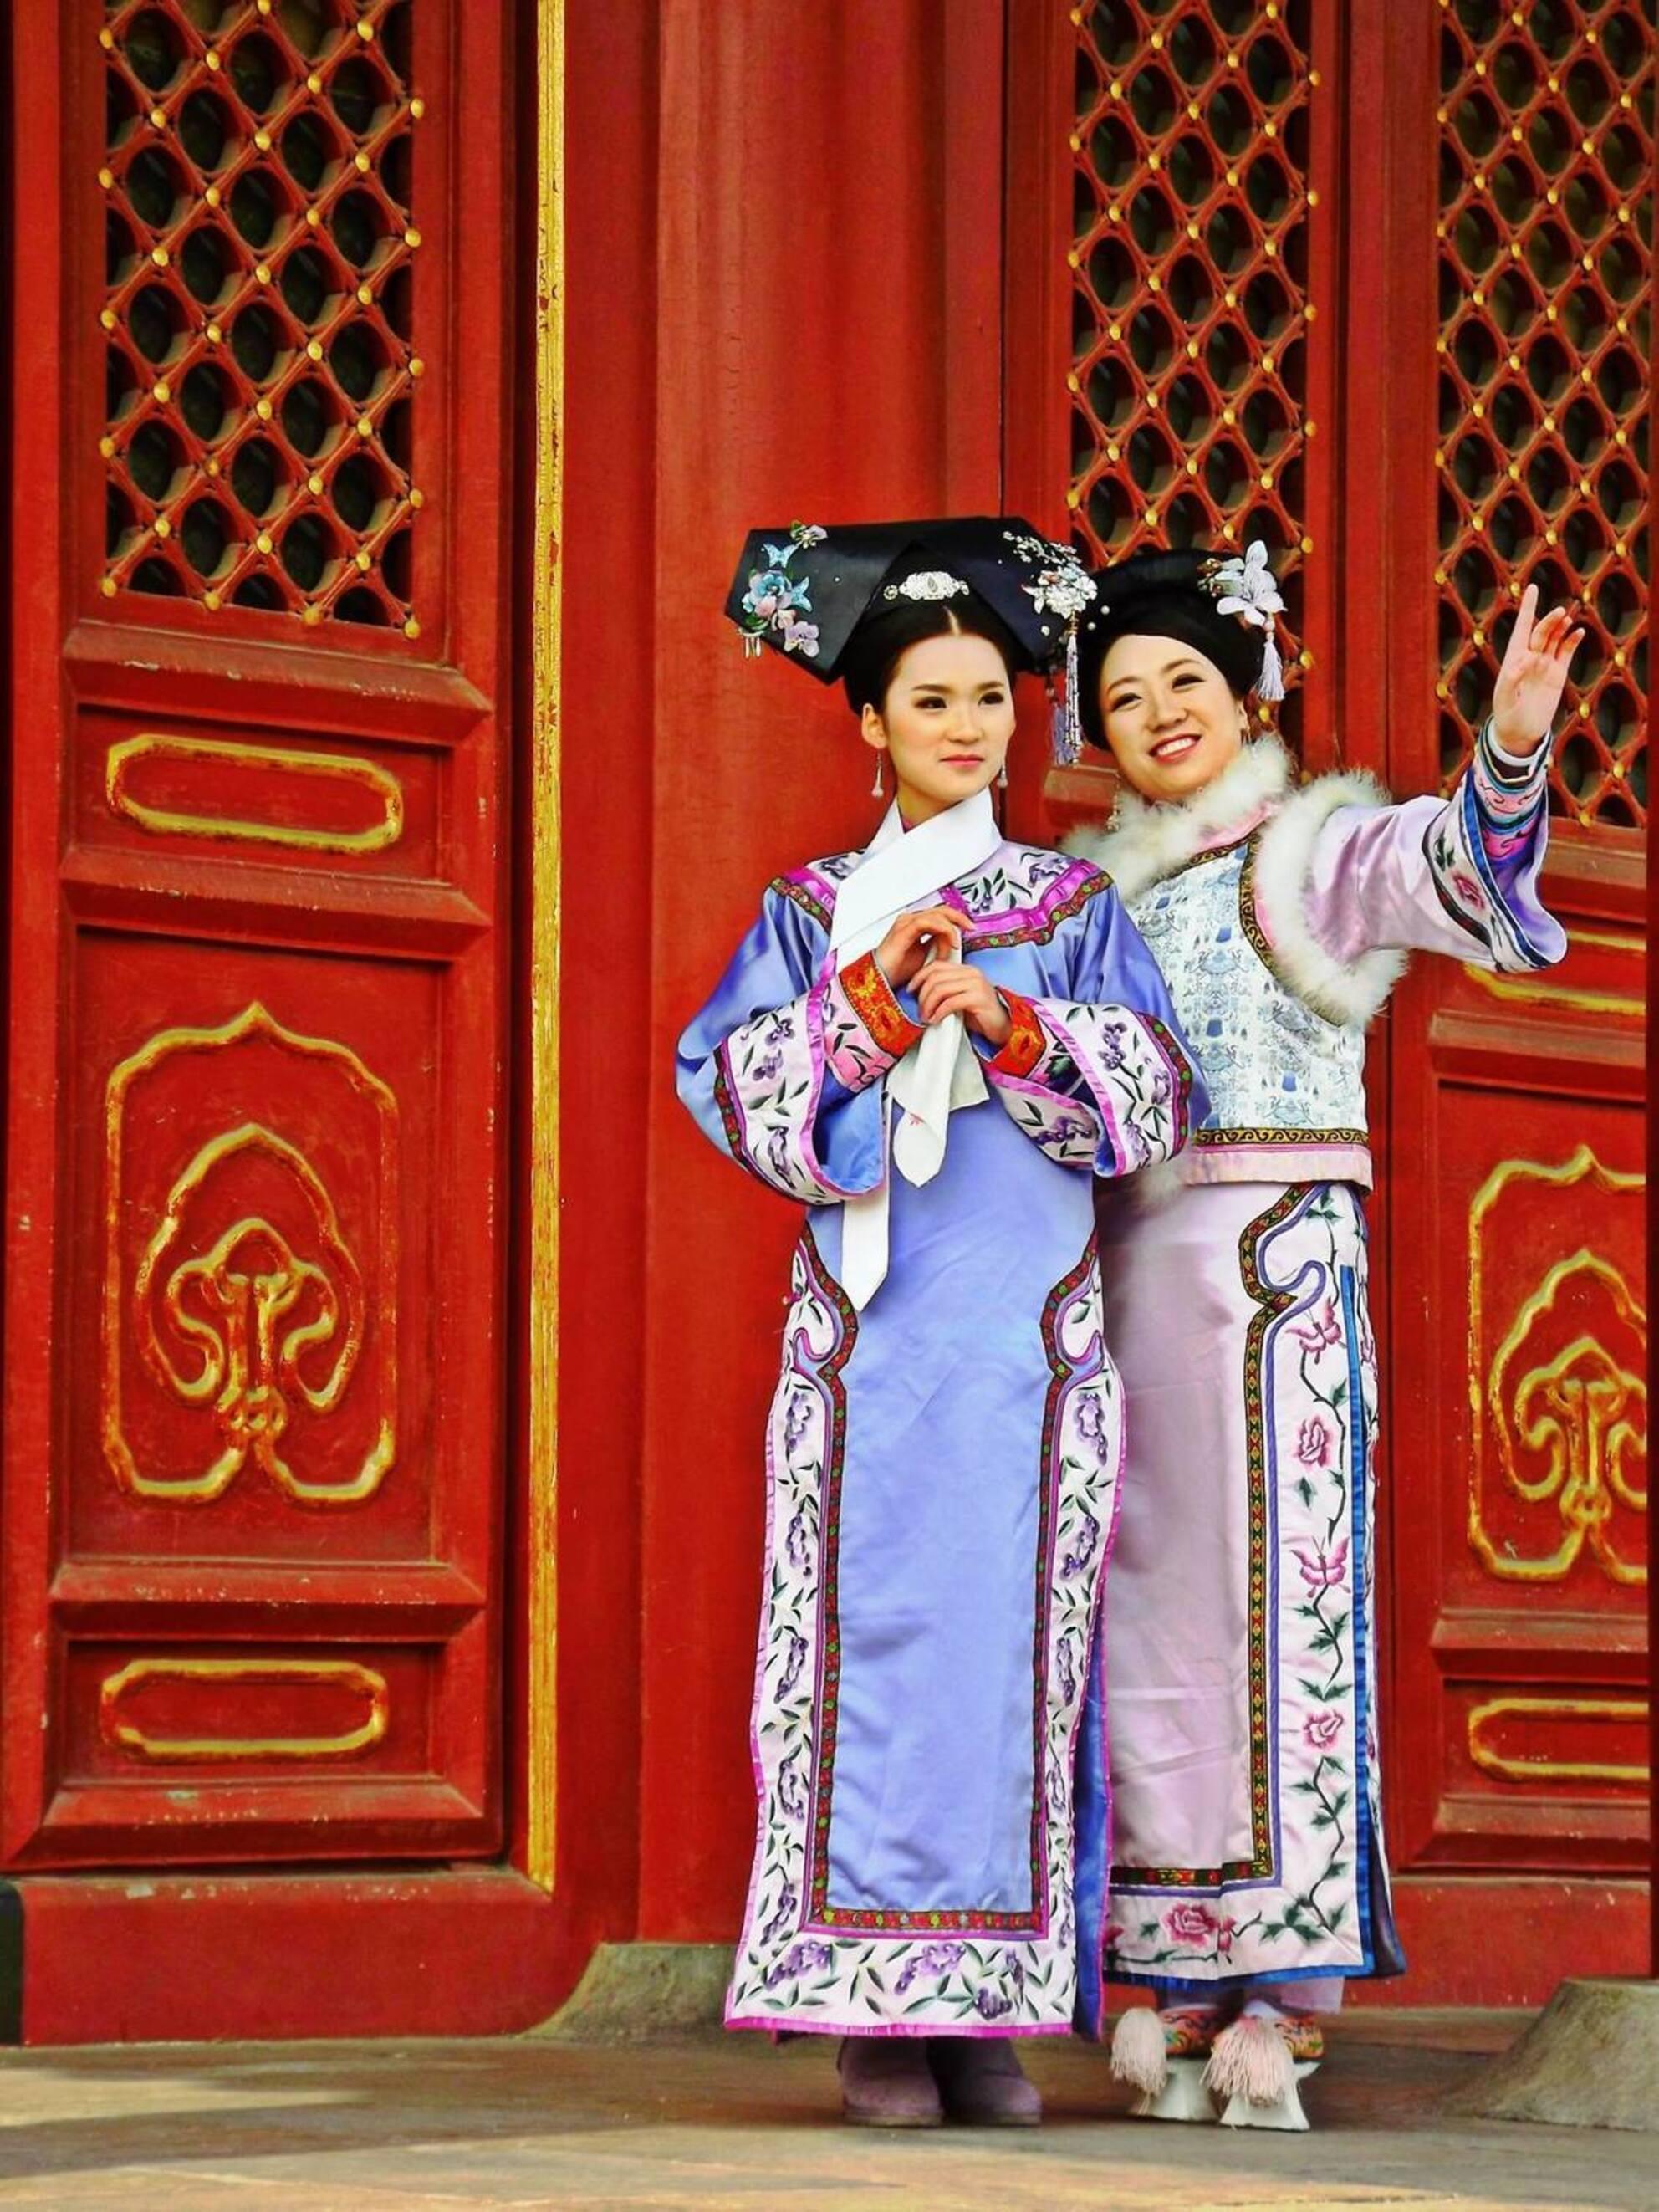 Aanschouw het Altaar des Hemels - 2 Chinese modellen poseren voor een fotoshoot in Beijing bij de tempel van de hemel. Een uitgewezen kans om deze dames mooi op de foto te zetten! - foto door thomibaluba op 02-07-2017 - deze foto bevat: modellen, china, azie, beijing, tiantan, Tempel van de Hemel, 天坛